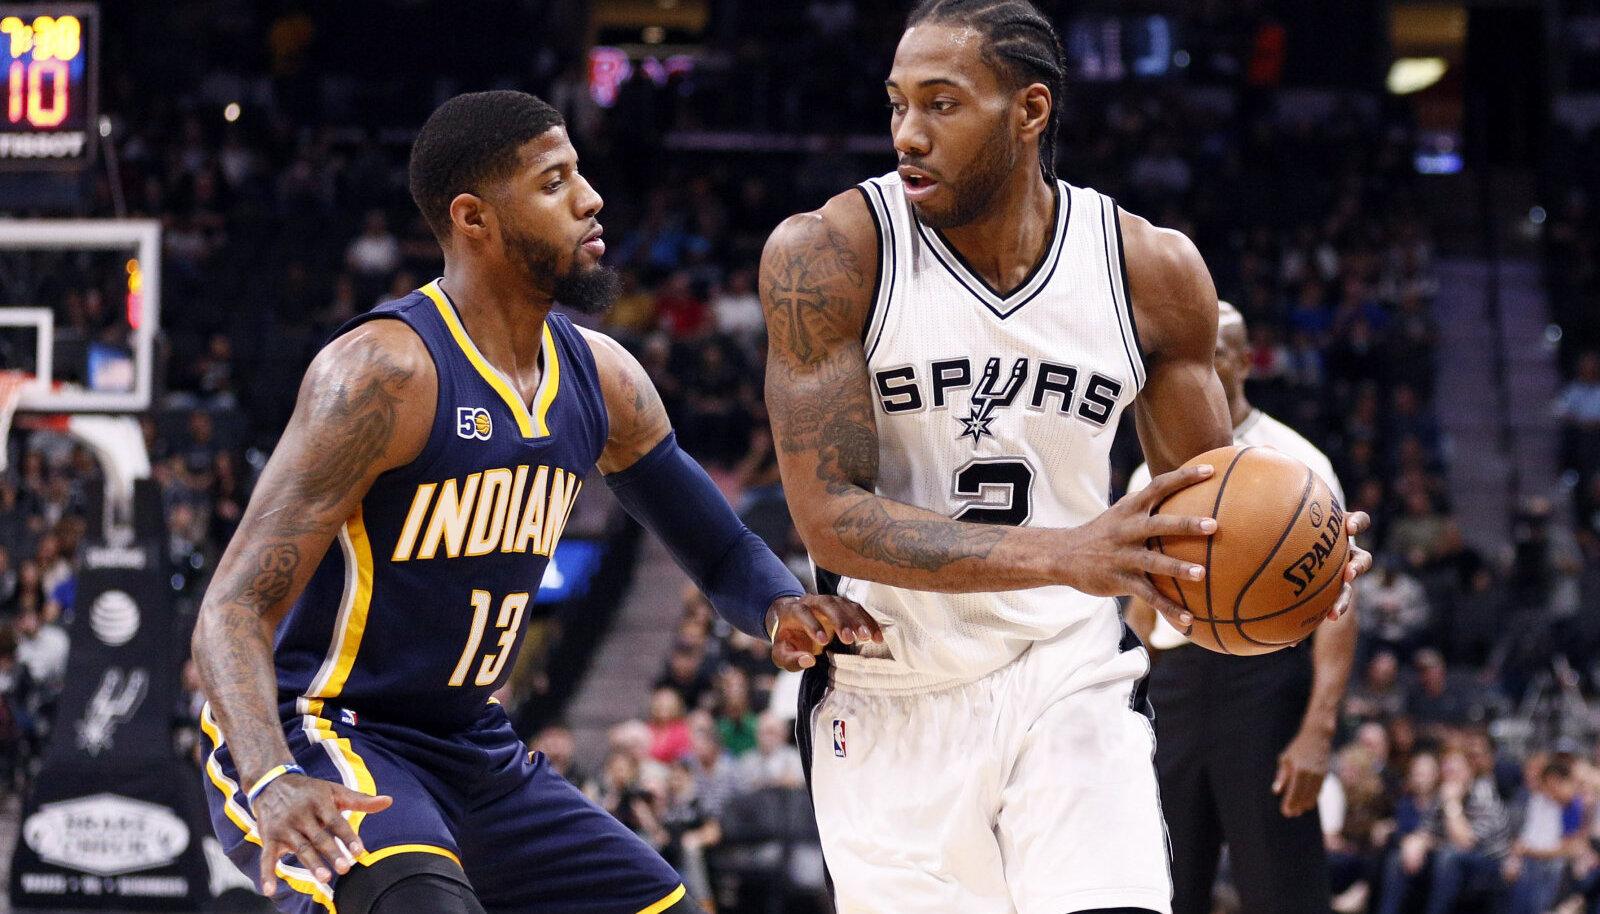 Aeg möödub kiirelt: sellel 29 kuud tagasi tehtud pildil heitlevad Indiana Pacersi liider Paul George ja San Antonio Spursi ametivend Kawhi Leonard. Nüüdseks on mõlemad kaks korda omal initsiatiivil klubi vahetanud ja sügisest näeb neid juba Los Angeles Clippersis.